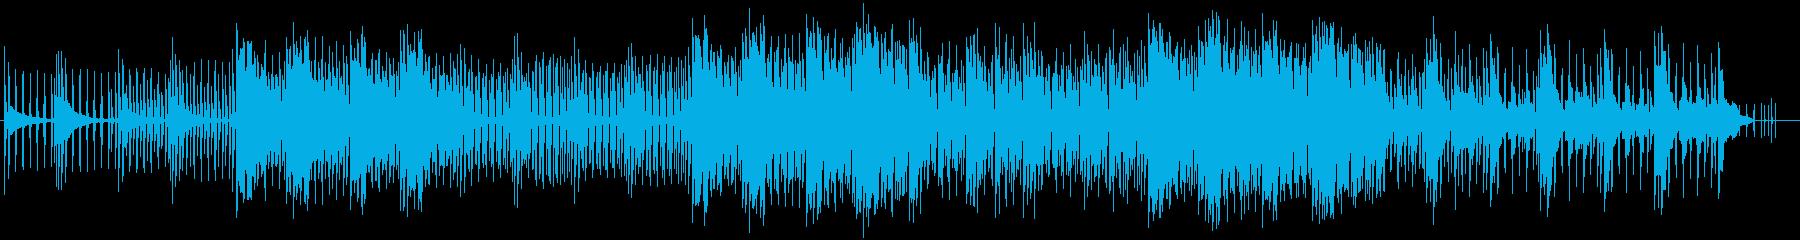 緩やかでメローなシンセサウンドの再生済みの波形